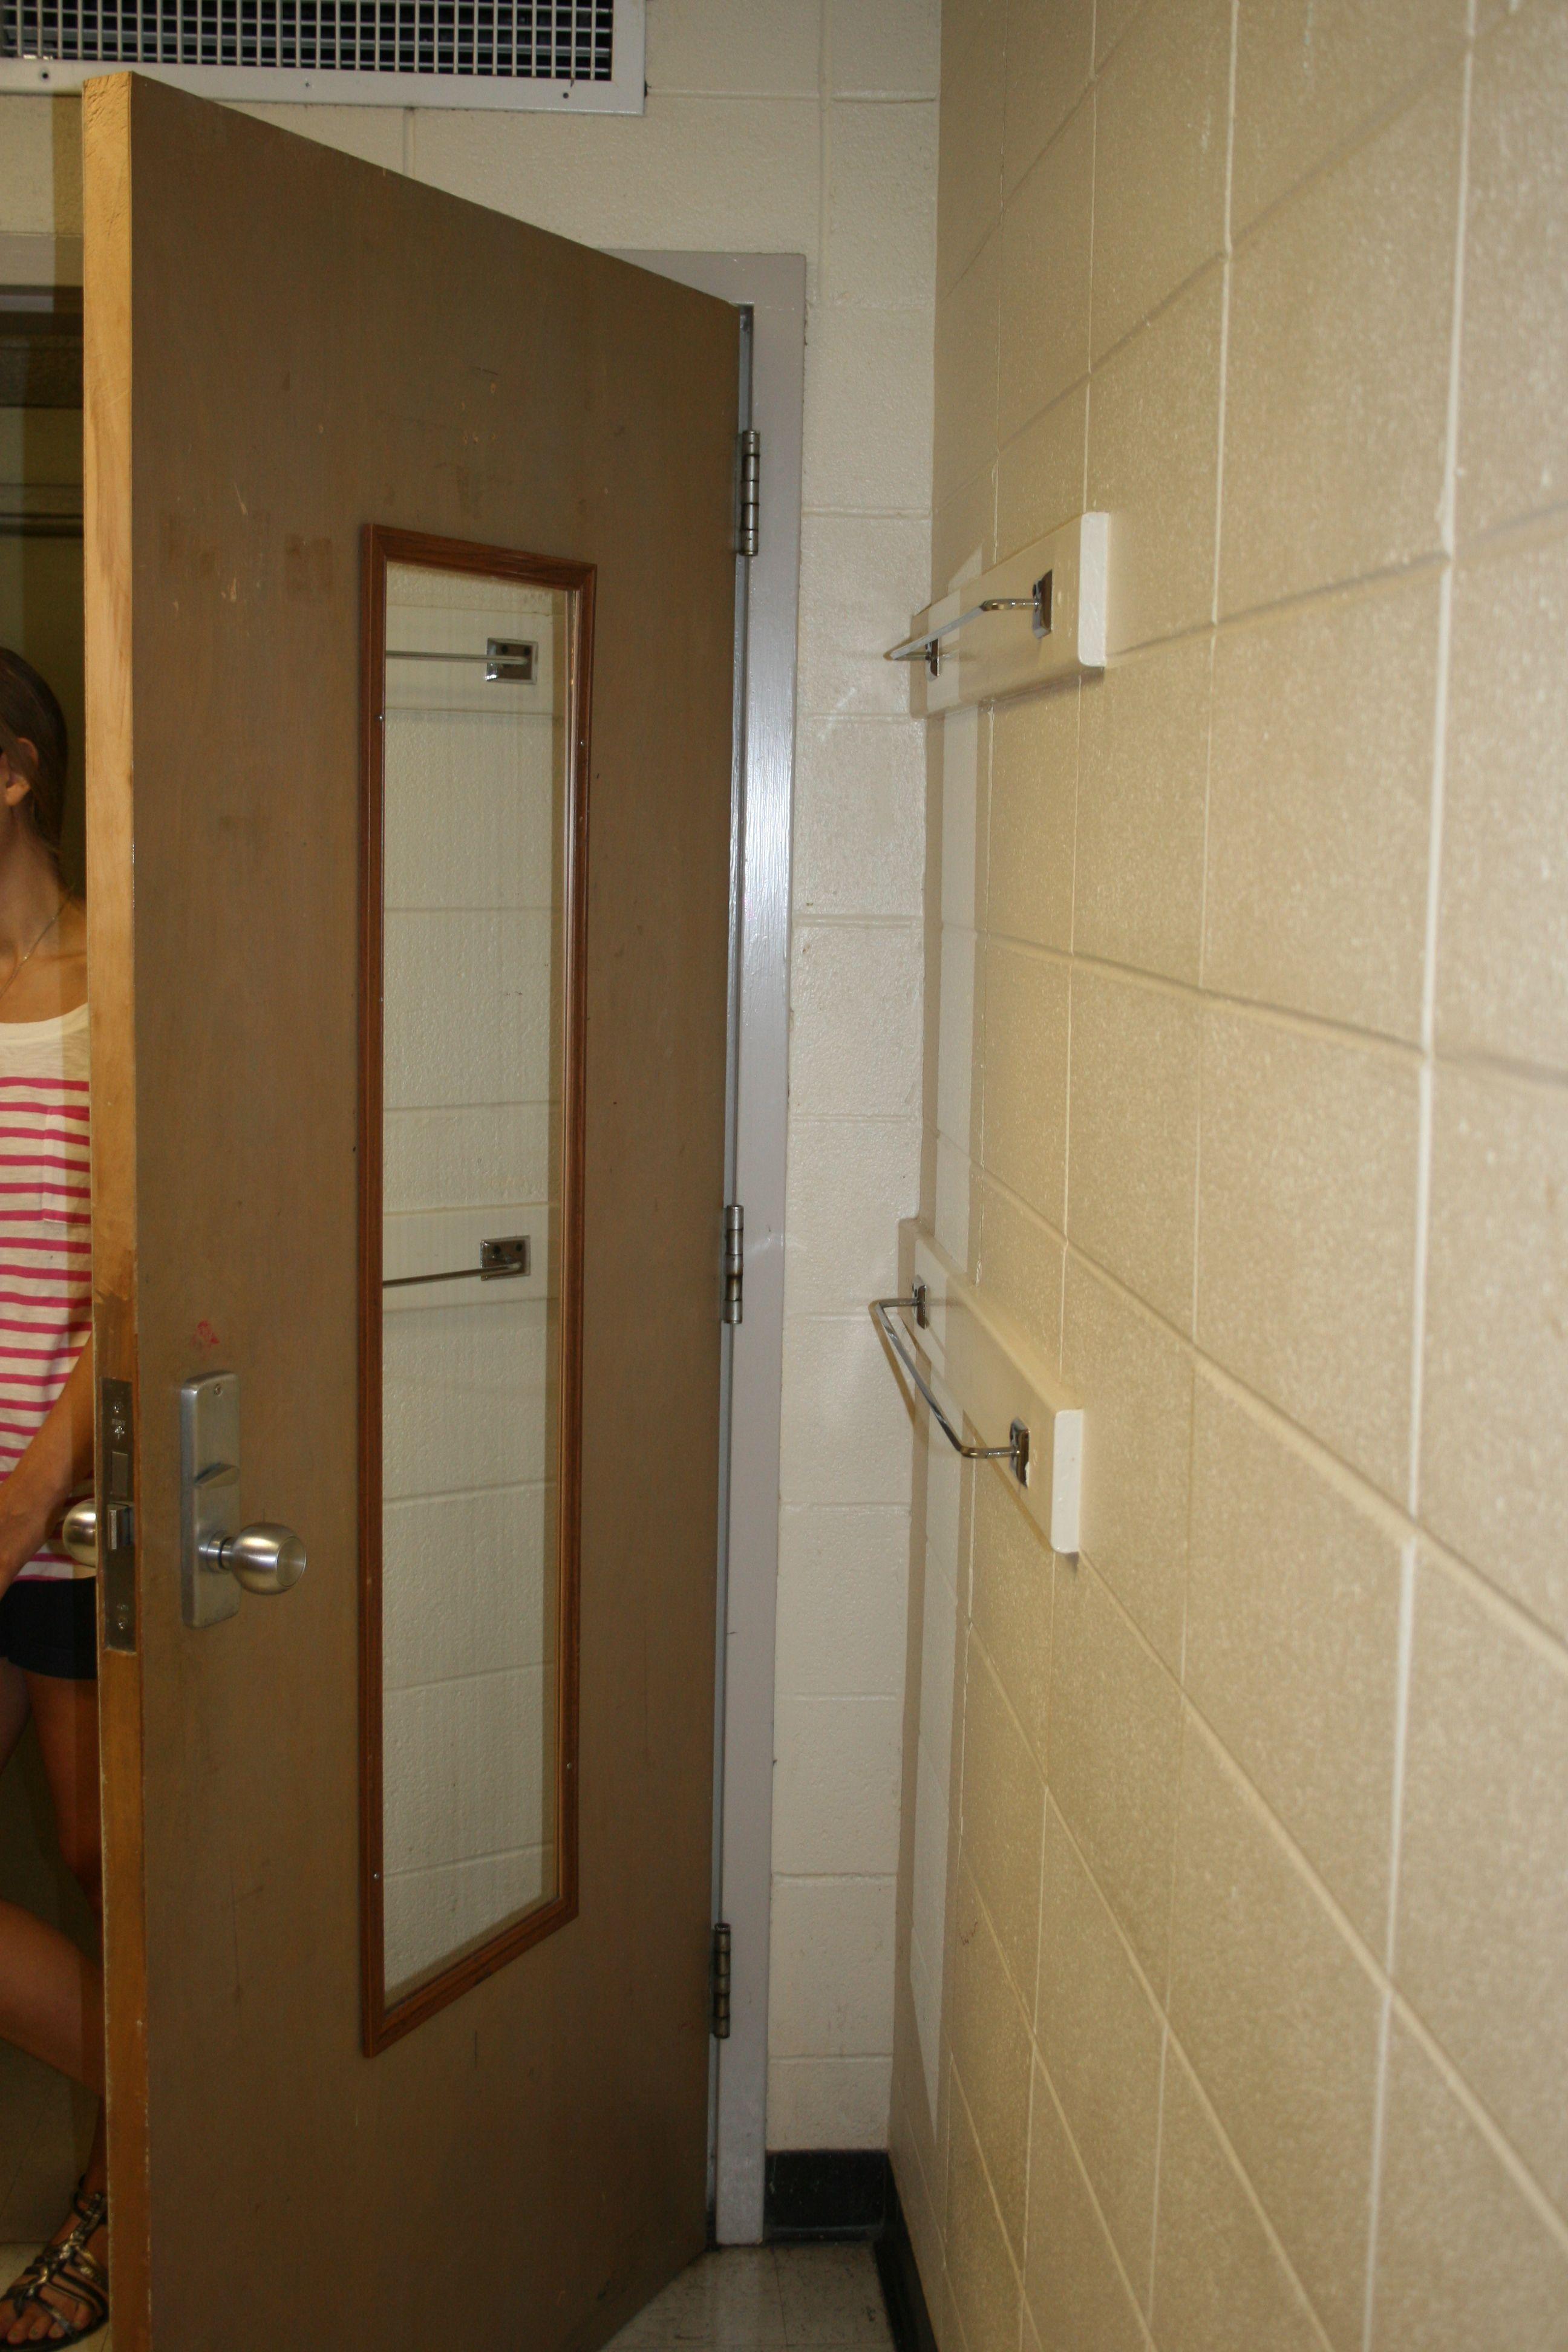 Genial Towels Rods And Mirror Behind Door.